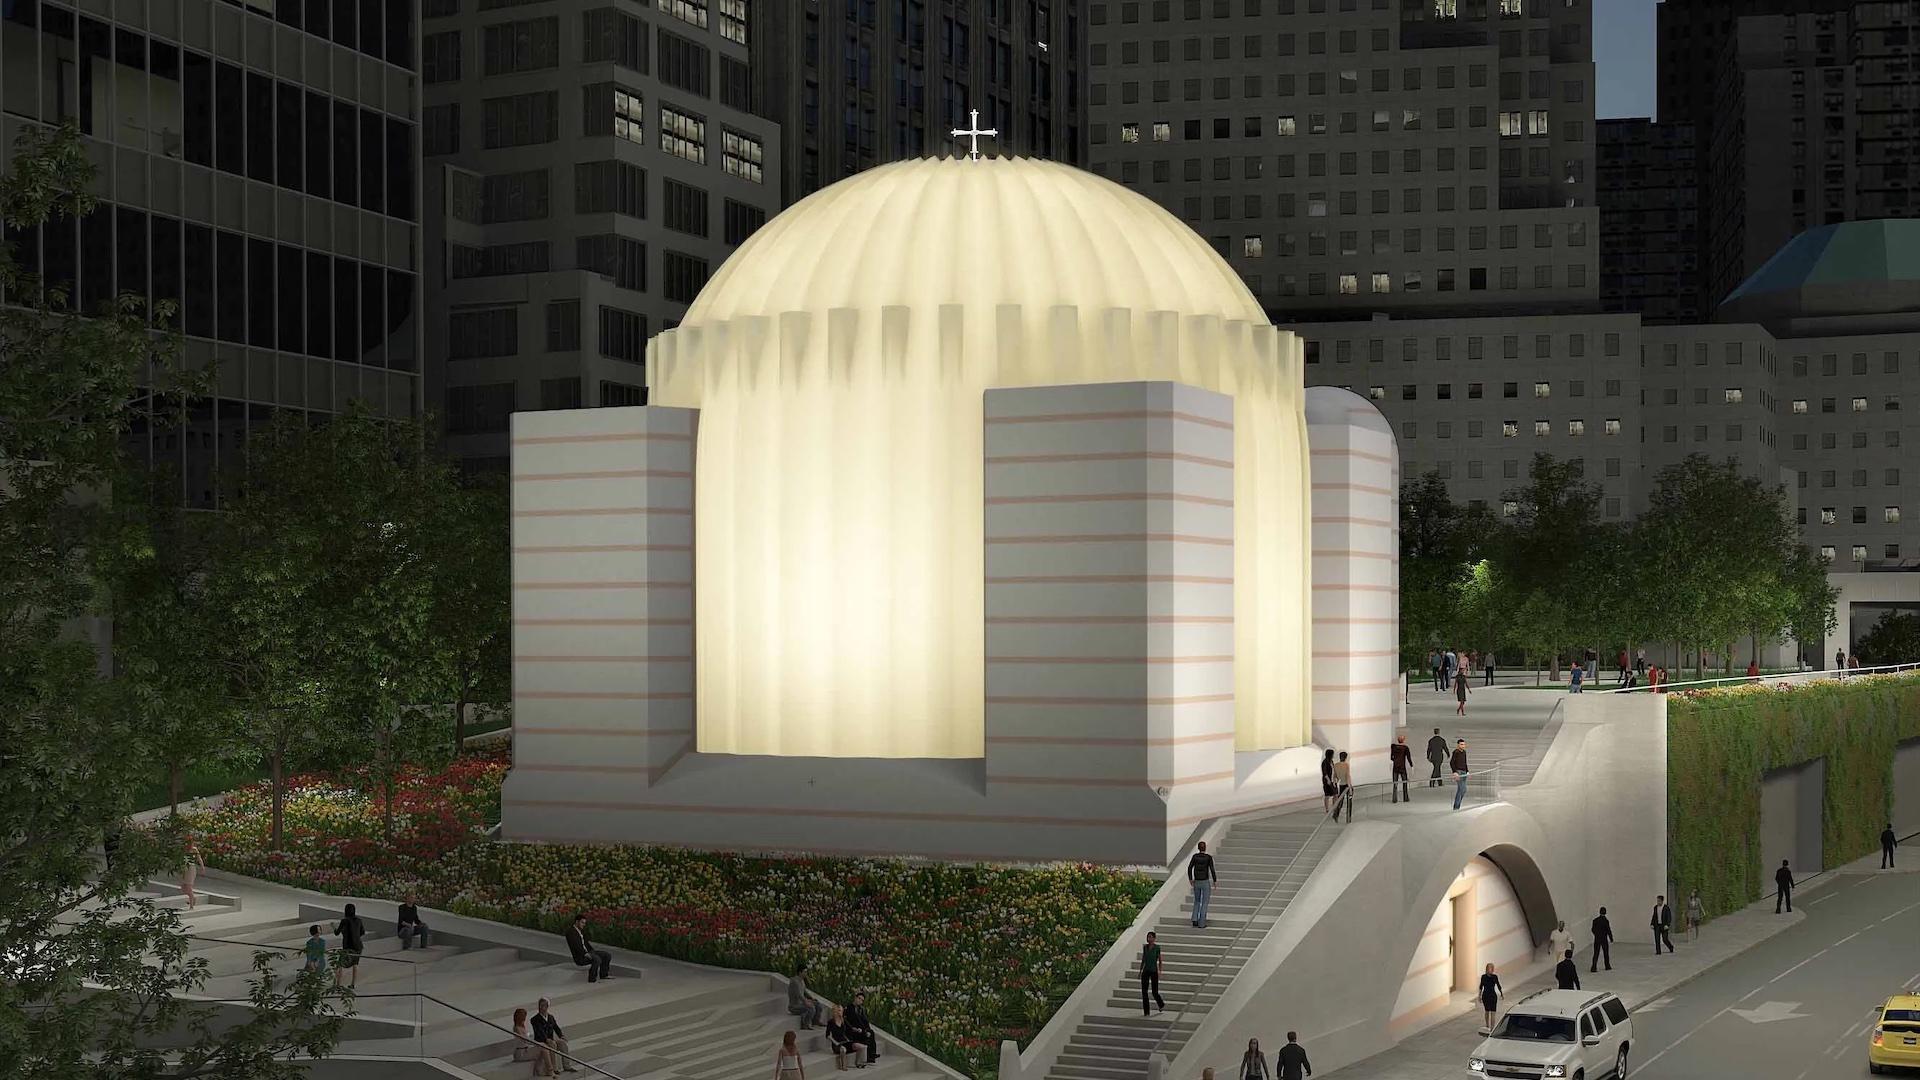 Así quedará la iglesia frente al One World Trade Center